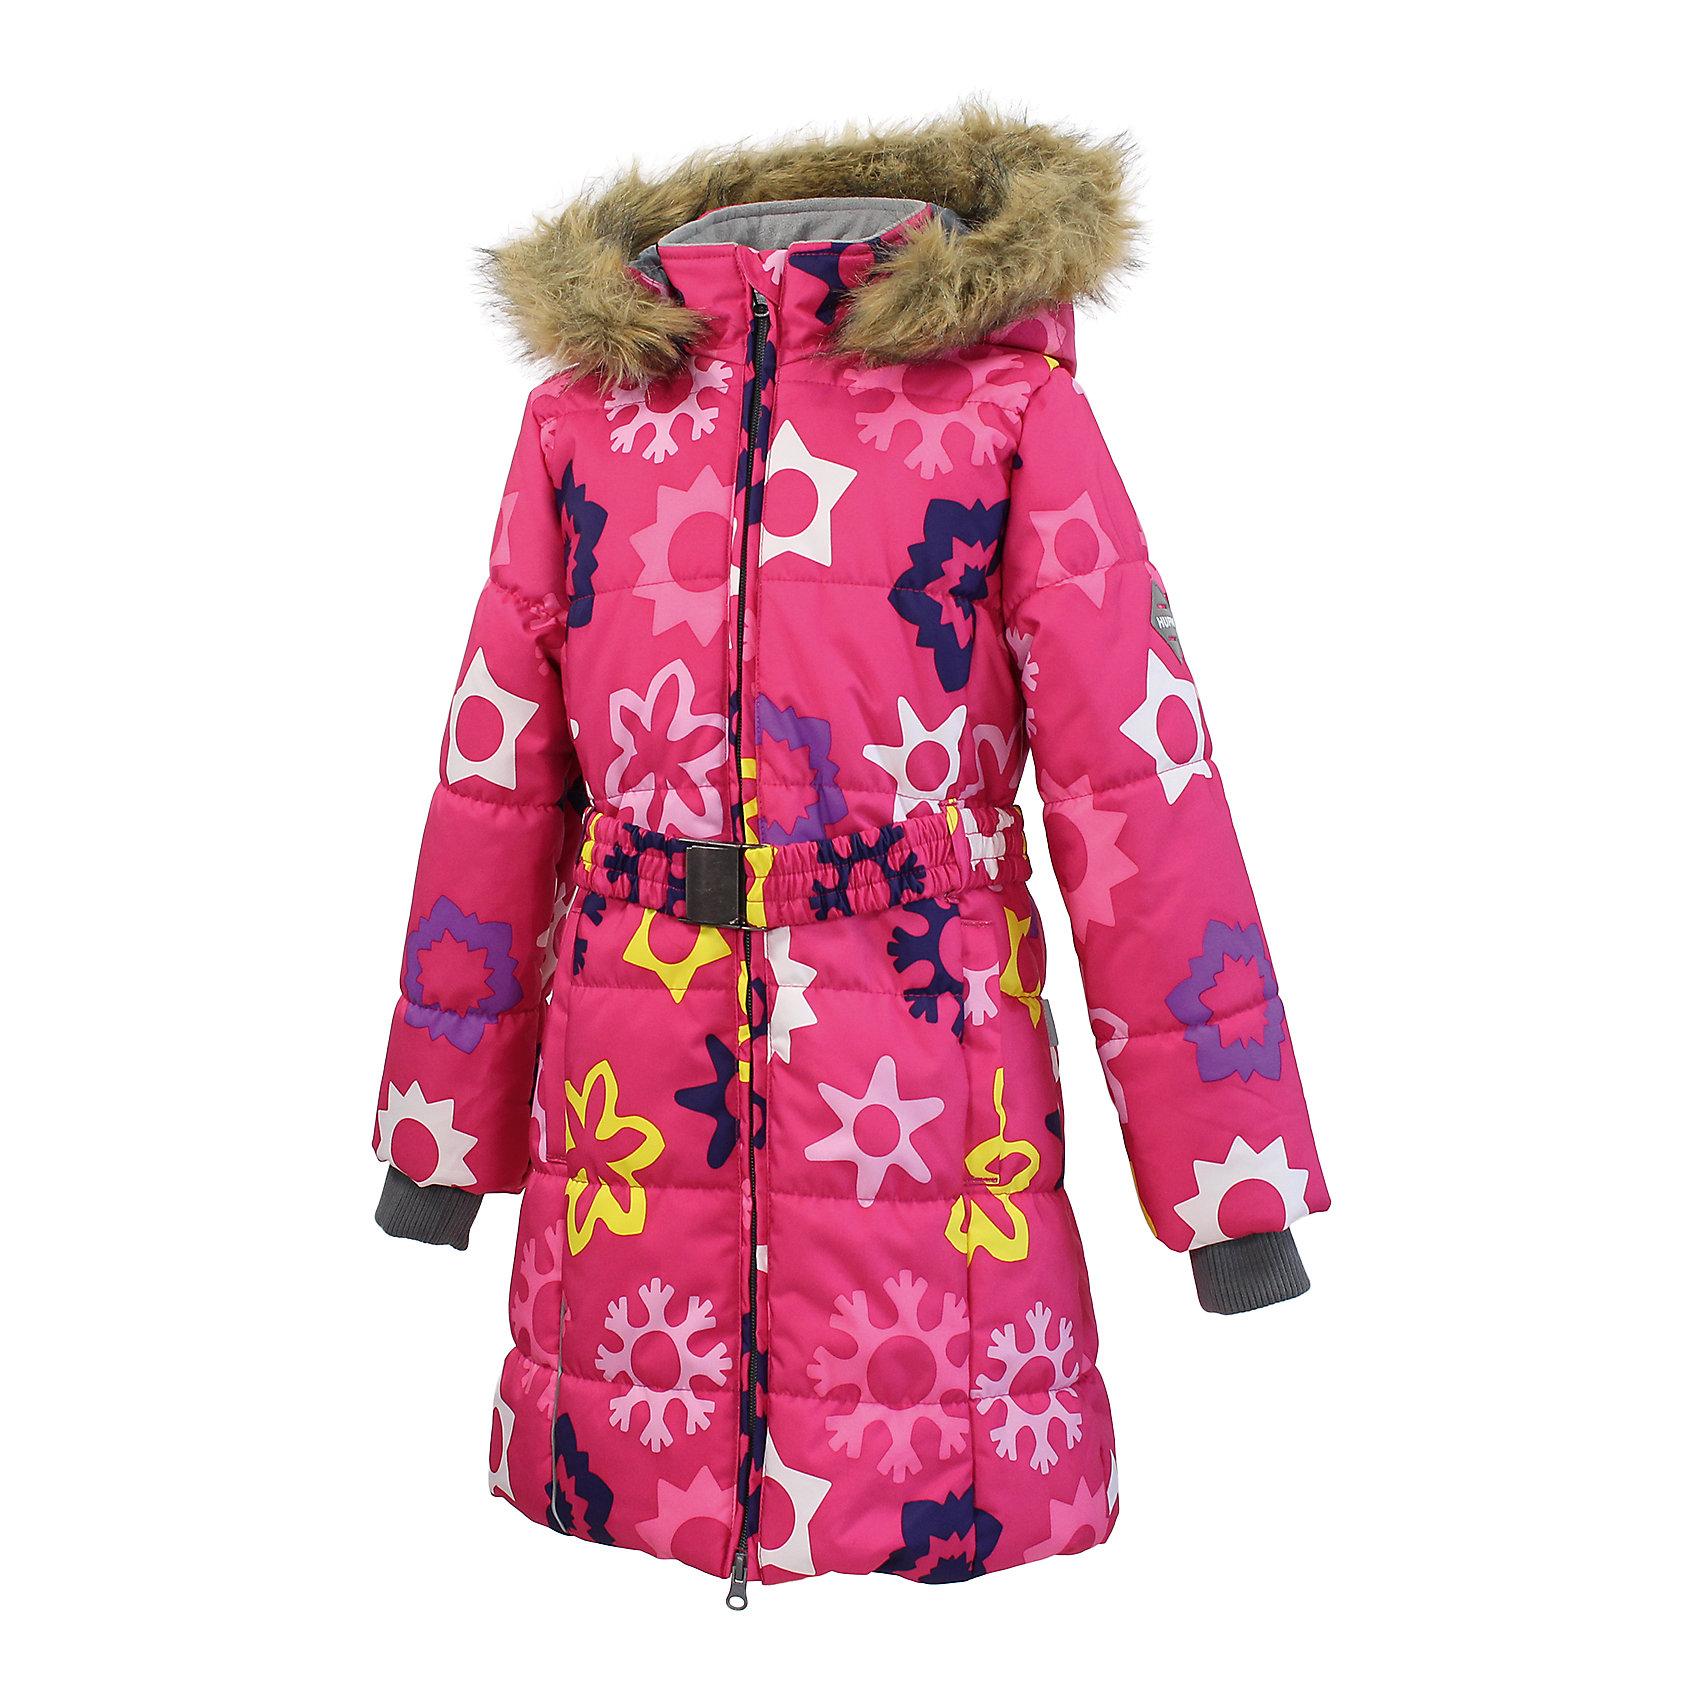 Пальто для девочки HuppaКлассическое зимнее пальто для девочек с более толстым ватином. У пальто приятная подкладка из тафты и отлично подходящая для нашего климата дышащая и водоотталкивающая ткань. Ношение делают более удобным съемный капюшон с мехом, рукава с резинкой и регулируемый ремень на резинке с пряжкой. Светоотражающие детали на разрезах повышают безопасность при передвижении в темное время.<br><br>Дополнительная информация:<br><br>Температурный режим: от -10 до -25<br>HuppaTherm 300 грамм<br>Высокотехнологичный лёгкий синтетический утеплитель нового поколения, сохраняет объём и высокую теплоизоляцию изделия, а также легко стирается и быстро сохнет.<br>Влагоустойчивая и дышащая ткань 10 000/ 10 000<br>Мембрана препятствует прохождению воды и ветра сквозь ткань внутрь изделия, позволяя испаряться выделяемой телом, образовывающейся внутри влаге.<br>Проклеенные швы<br>Для максимальной влагонепроницаемости изделия, важнейшие швы проклеены водостойкой лентой.<br>Прочная ткань<br>Сплетения волокон в тканях выполнены по специальной технологии, которая придаёт ткани прочность и предохранят от истирания.<br>Ткань: 100% полиэстер<br>Подкладка: тафта- 100% полиэстер<br>Утеплитель: 100% полиэстер - 300г.<br><br>Пальто для девочки Huppa можно купить в нашем магазине.<br><br>Ширина мм: 356<br>Глубина мм: 10<br>Высота мм: 245<br>Вес г: 519<br>Цвет: разноцветный<br>Возраст от месяцев: 48<br>Возраст до месяцев: 60<br>Пол: Женский<br>Возраст: Детский<br>Размер: 110,158,116,128,140,158,134,104,122,146<br>SKU: 4201446